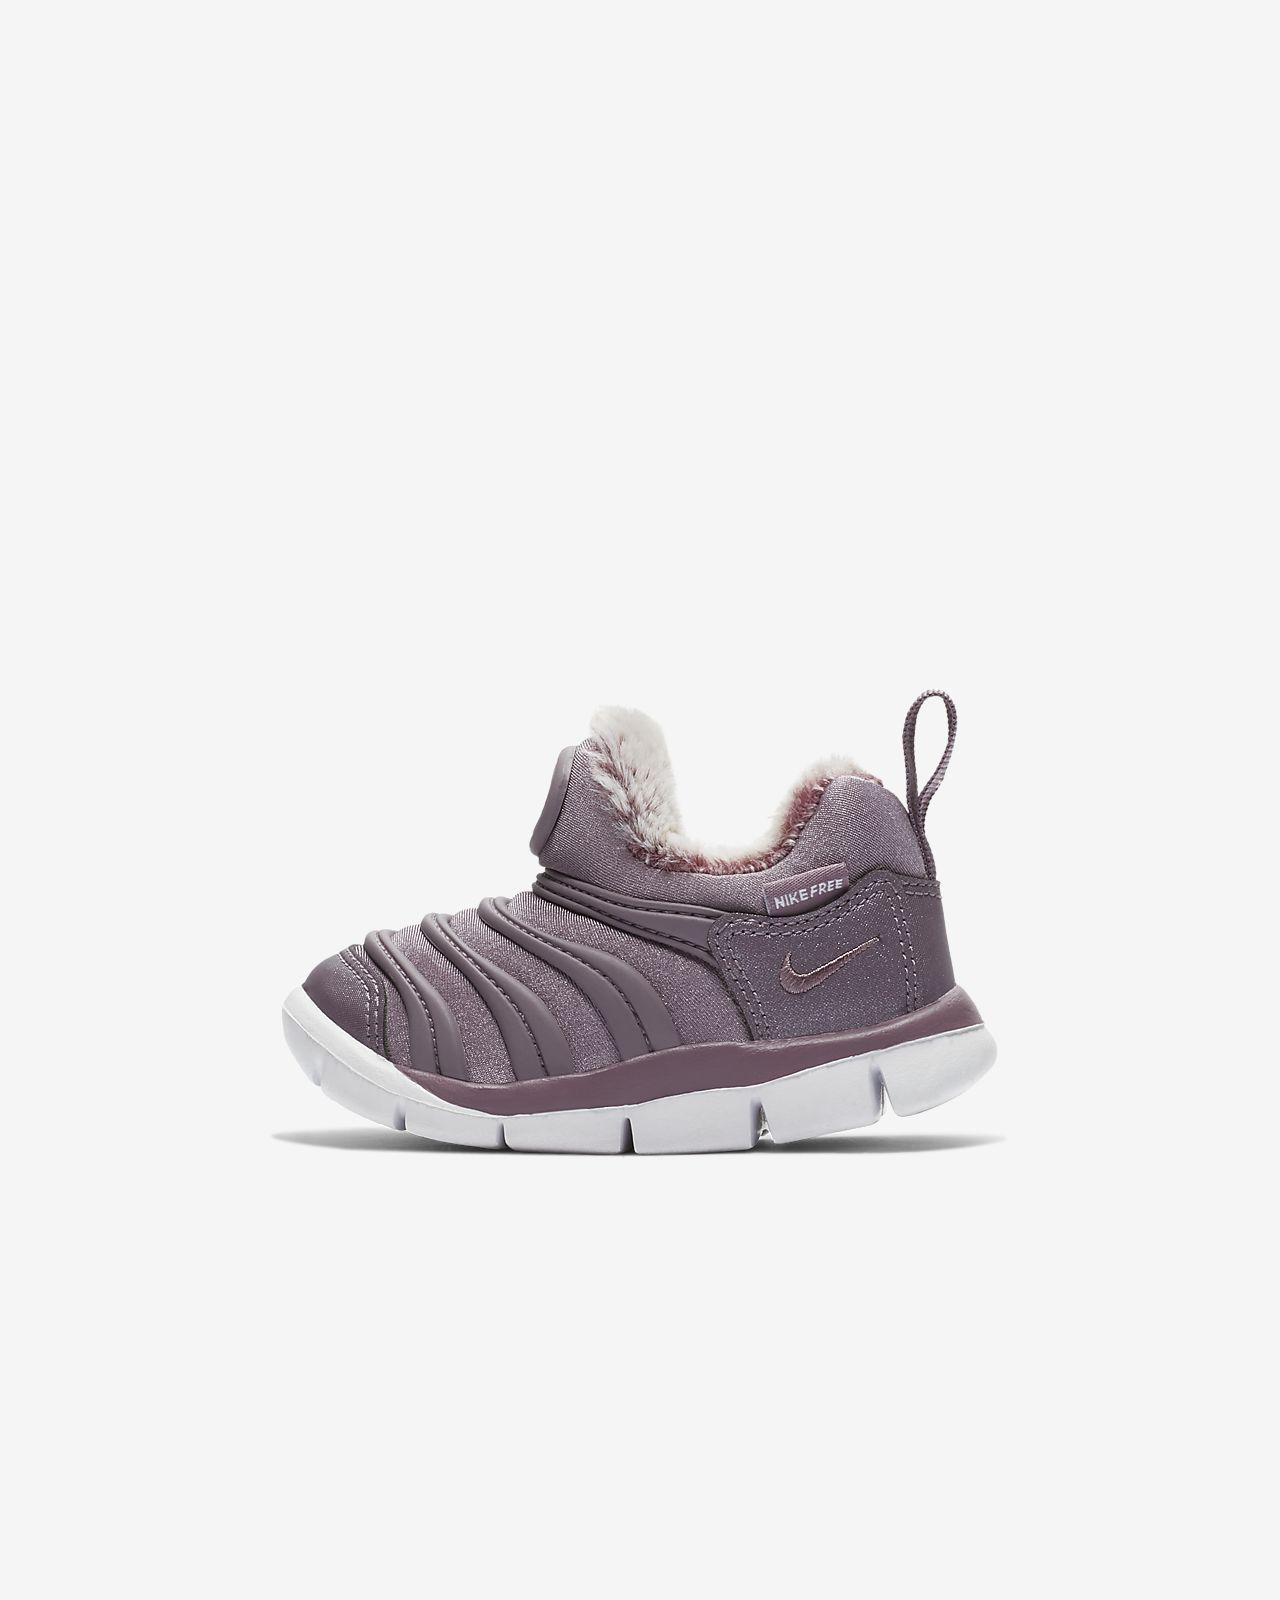 Nike Dynamo Free SE (TD) 婴童运动童鞋